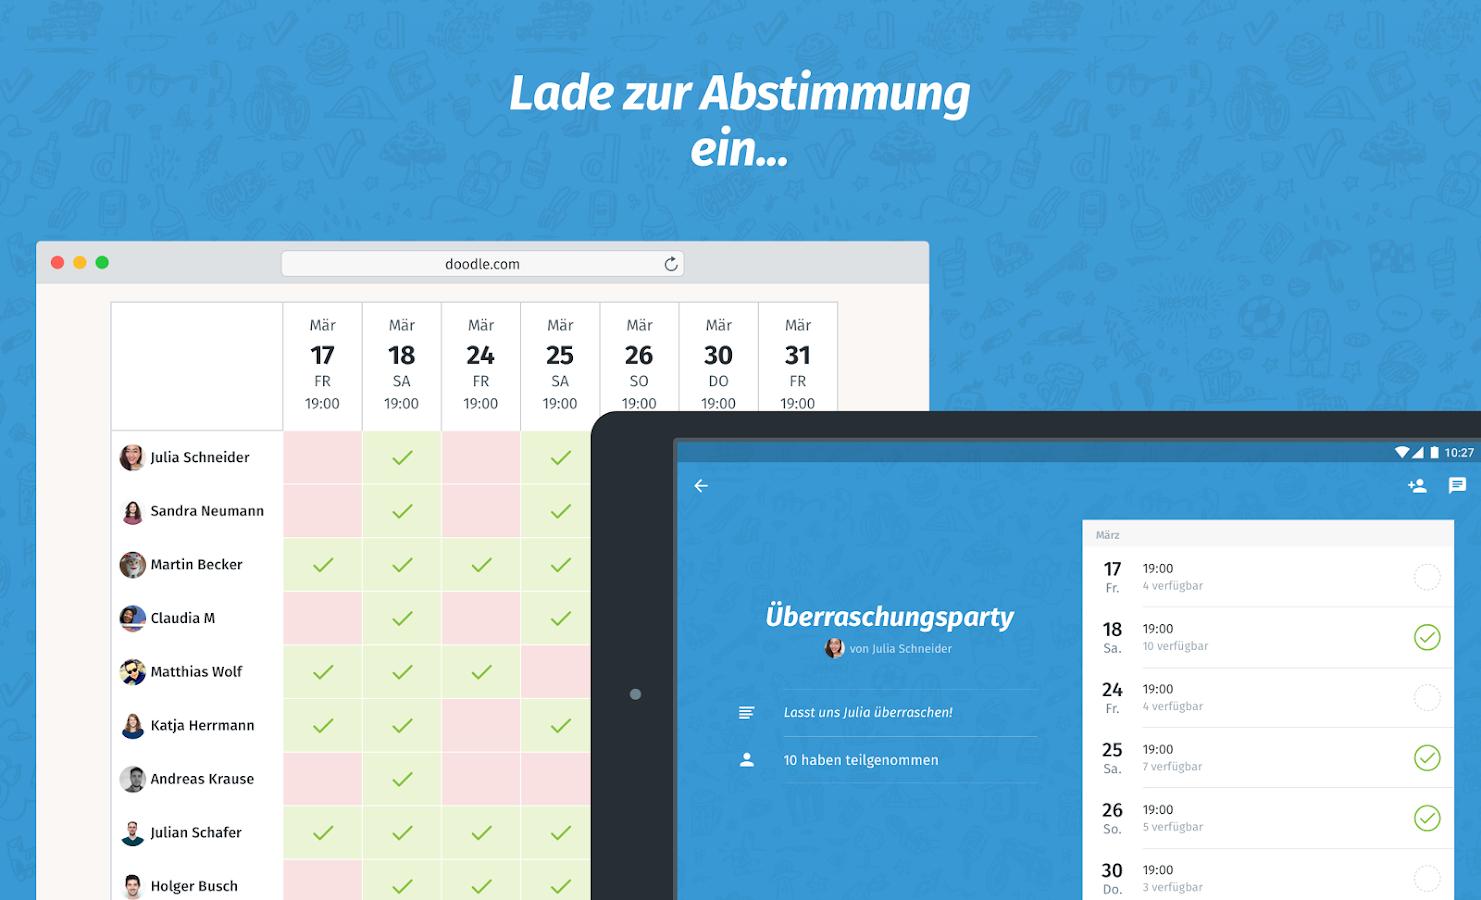 Grenzsteine Finden App : doodle termin finden android apps auf google play ~ Lizthompson.info Haus und Dekorationen